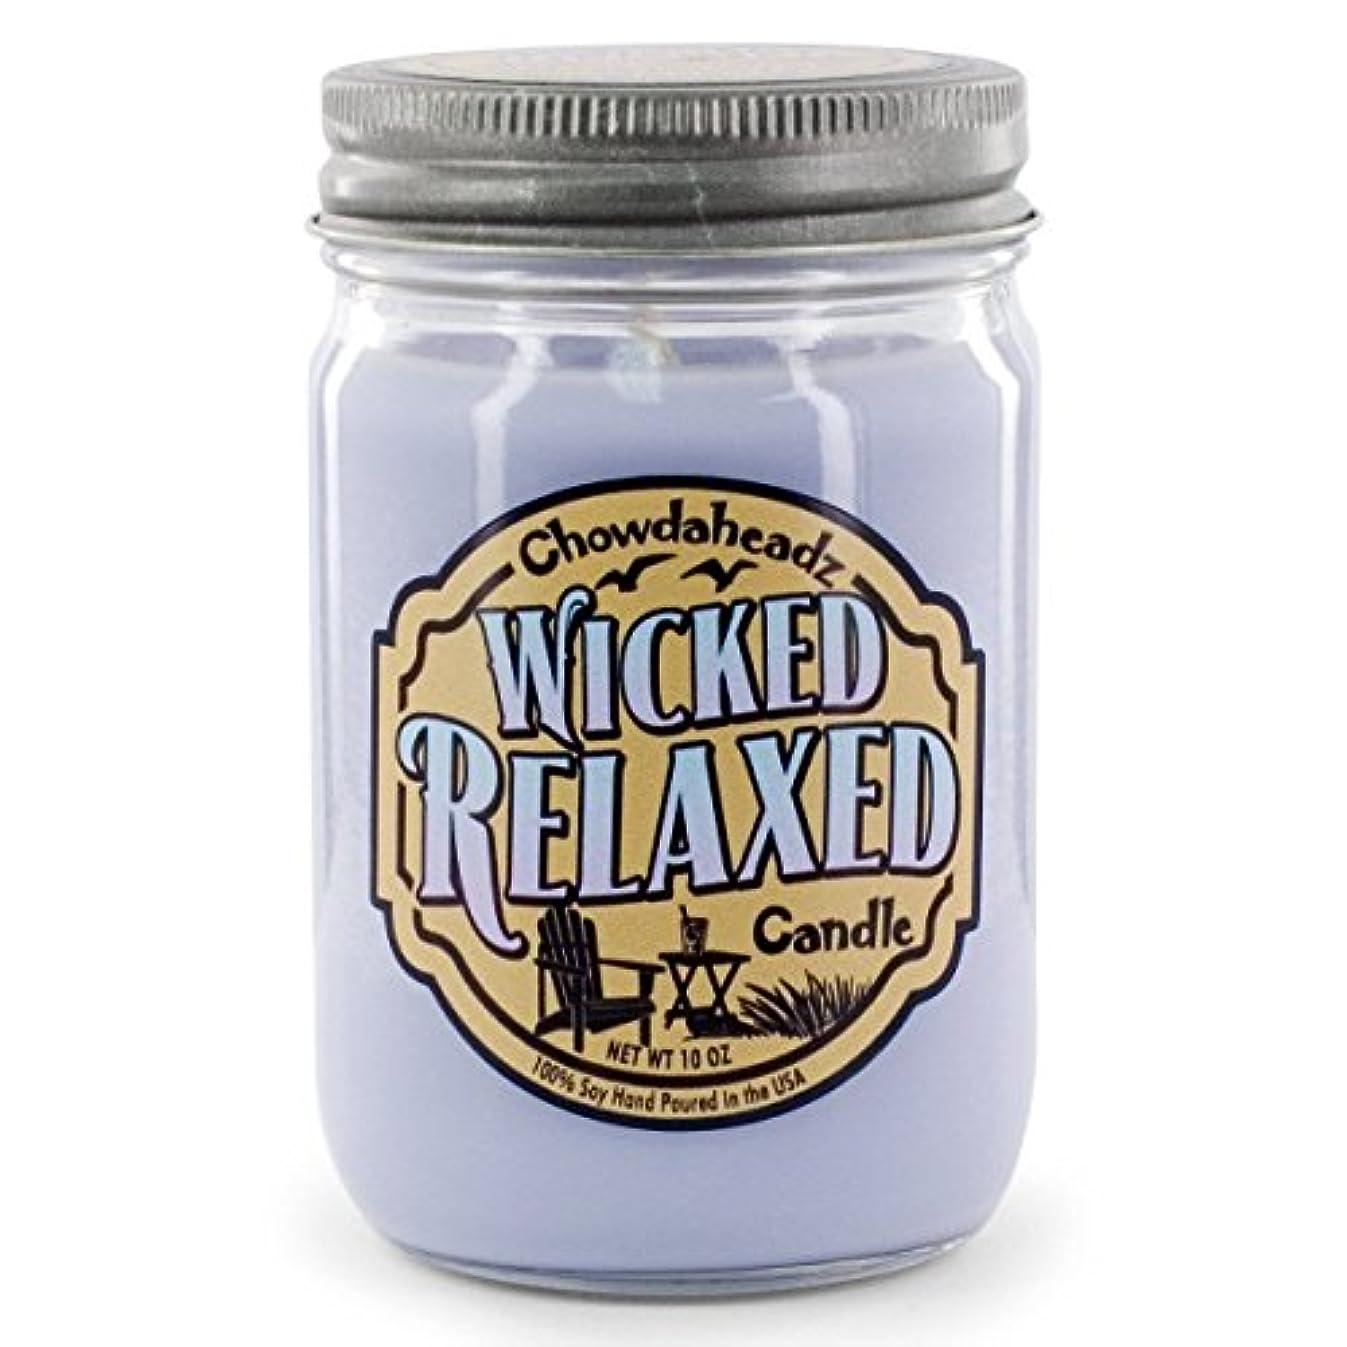 必要とする操縦する音Wicked Relaxed Candle 100 %大豆、すべての自然、Made in the USA by Chowdaheadz